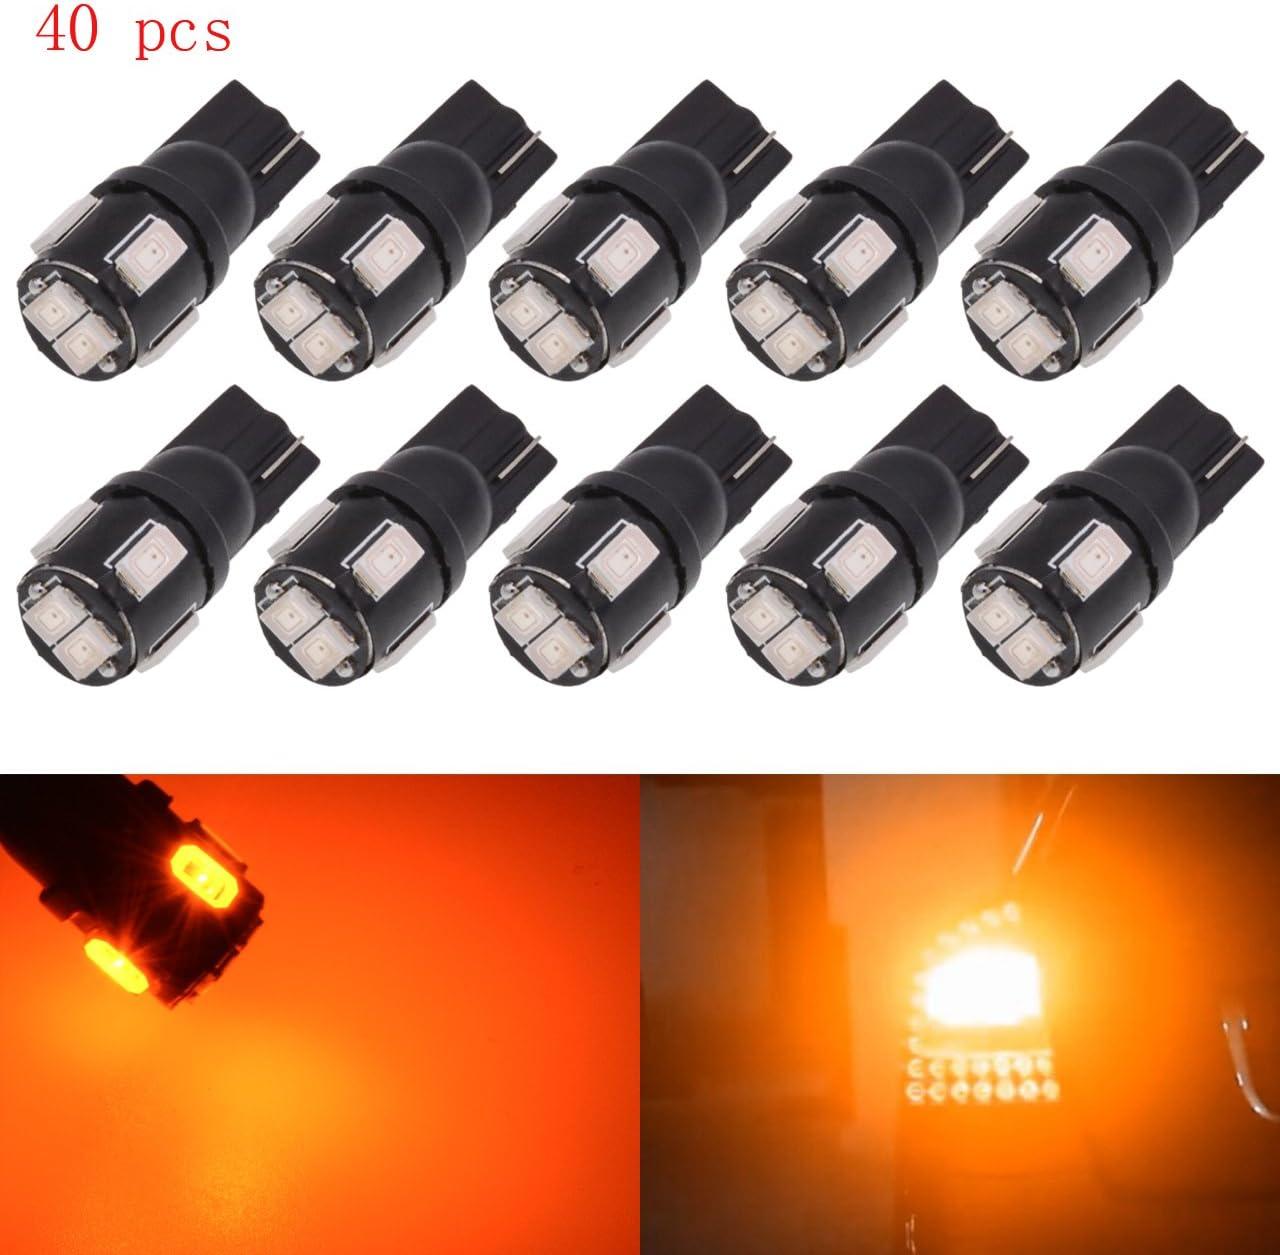 It is very popular KATUR 40pcs T10 Award-winning store LED Bulb Super Bright 168 194 17 2825 450 Lumens